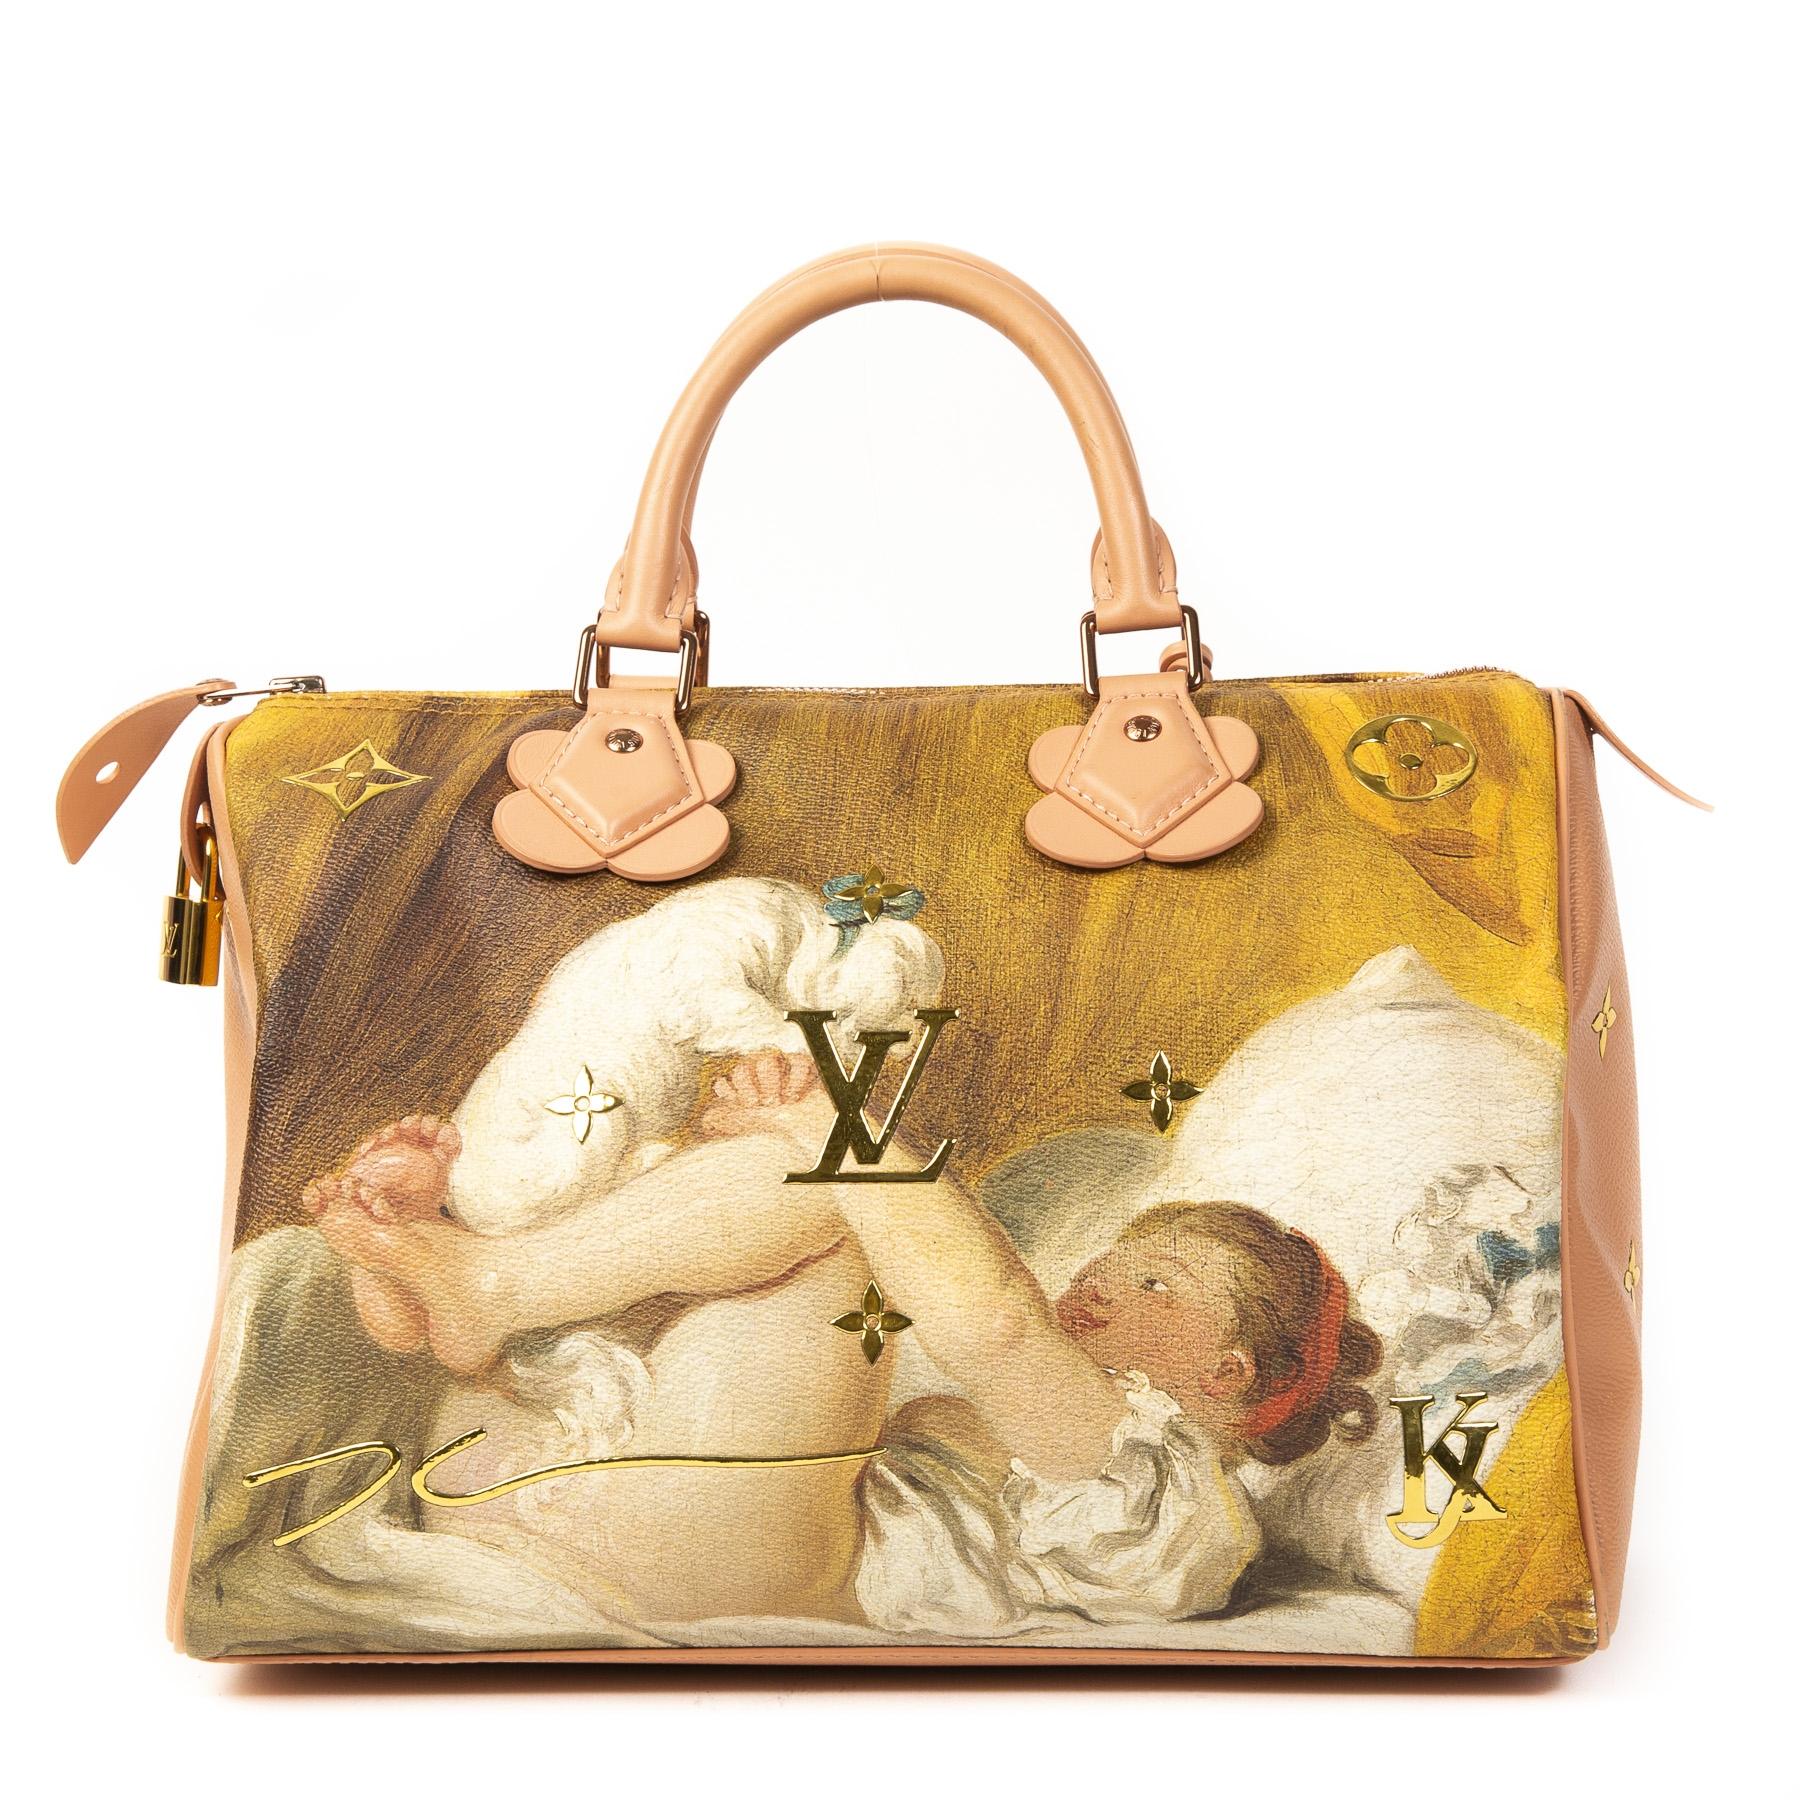 Authentieke Tweedehands Louis Vuitton Masters x Jeff Koons Pink Speedy 30 Fragonard Bag juiste prijs veilig online shoppen luxe merken webshop winkelen Antwerpen België mode fashion